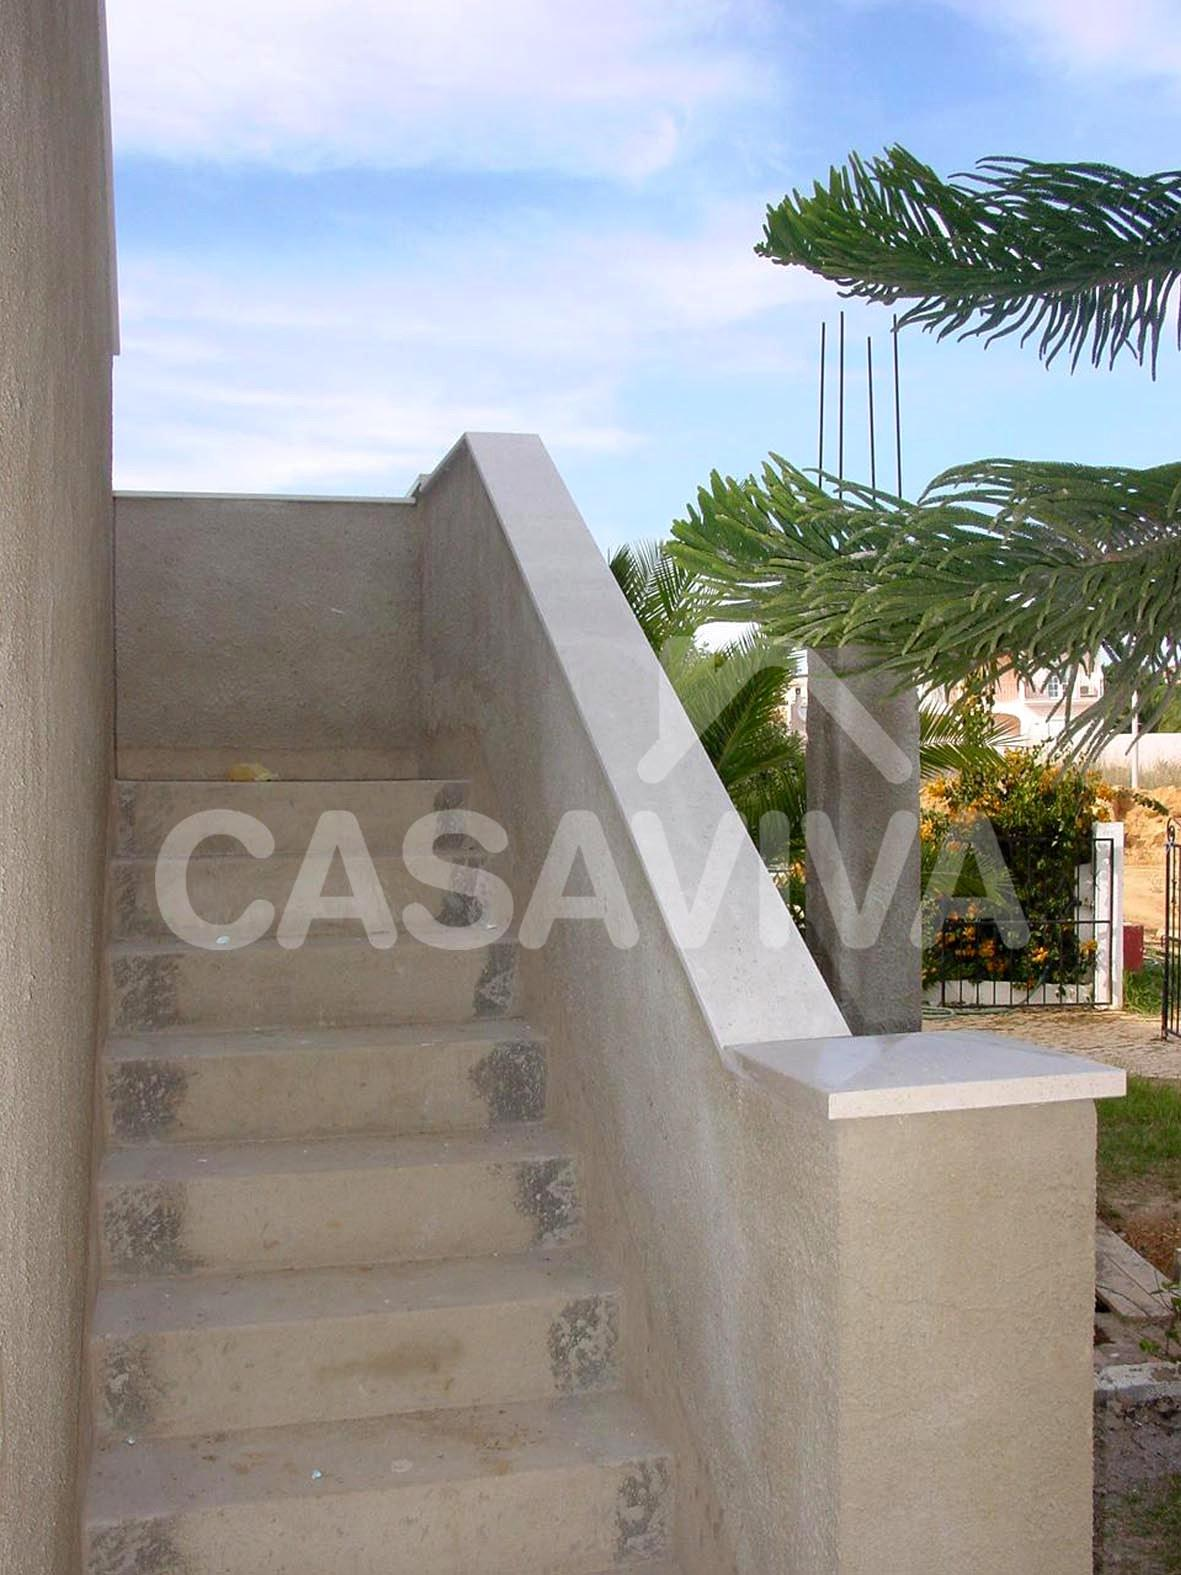 Portf lio escada exterior vista geral remodela o de - Fotos de escaleras exteriores de casas ...